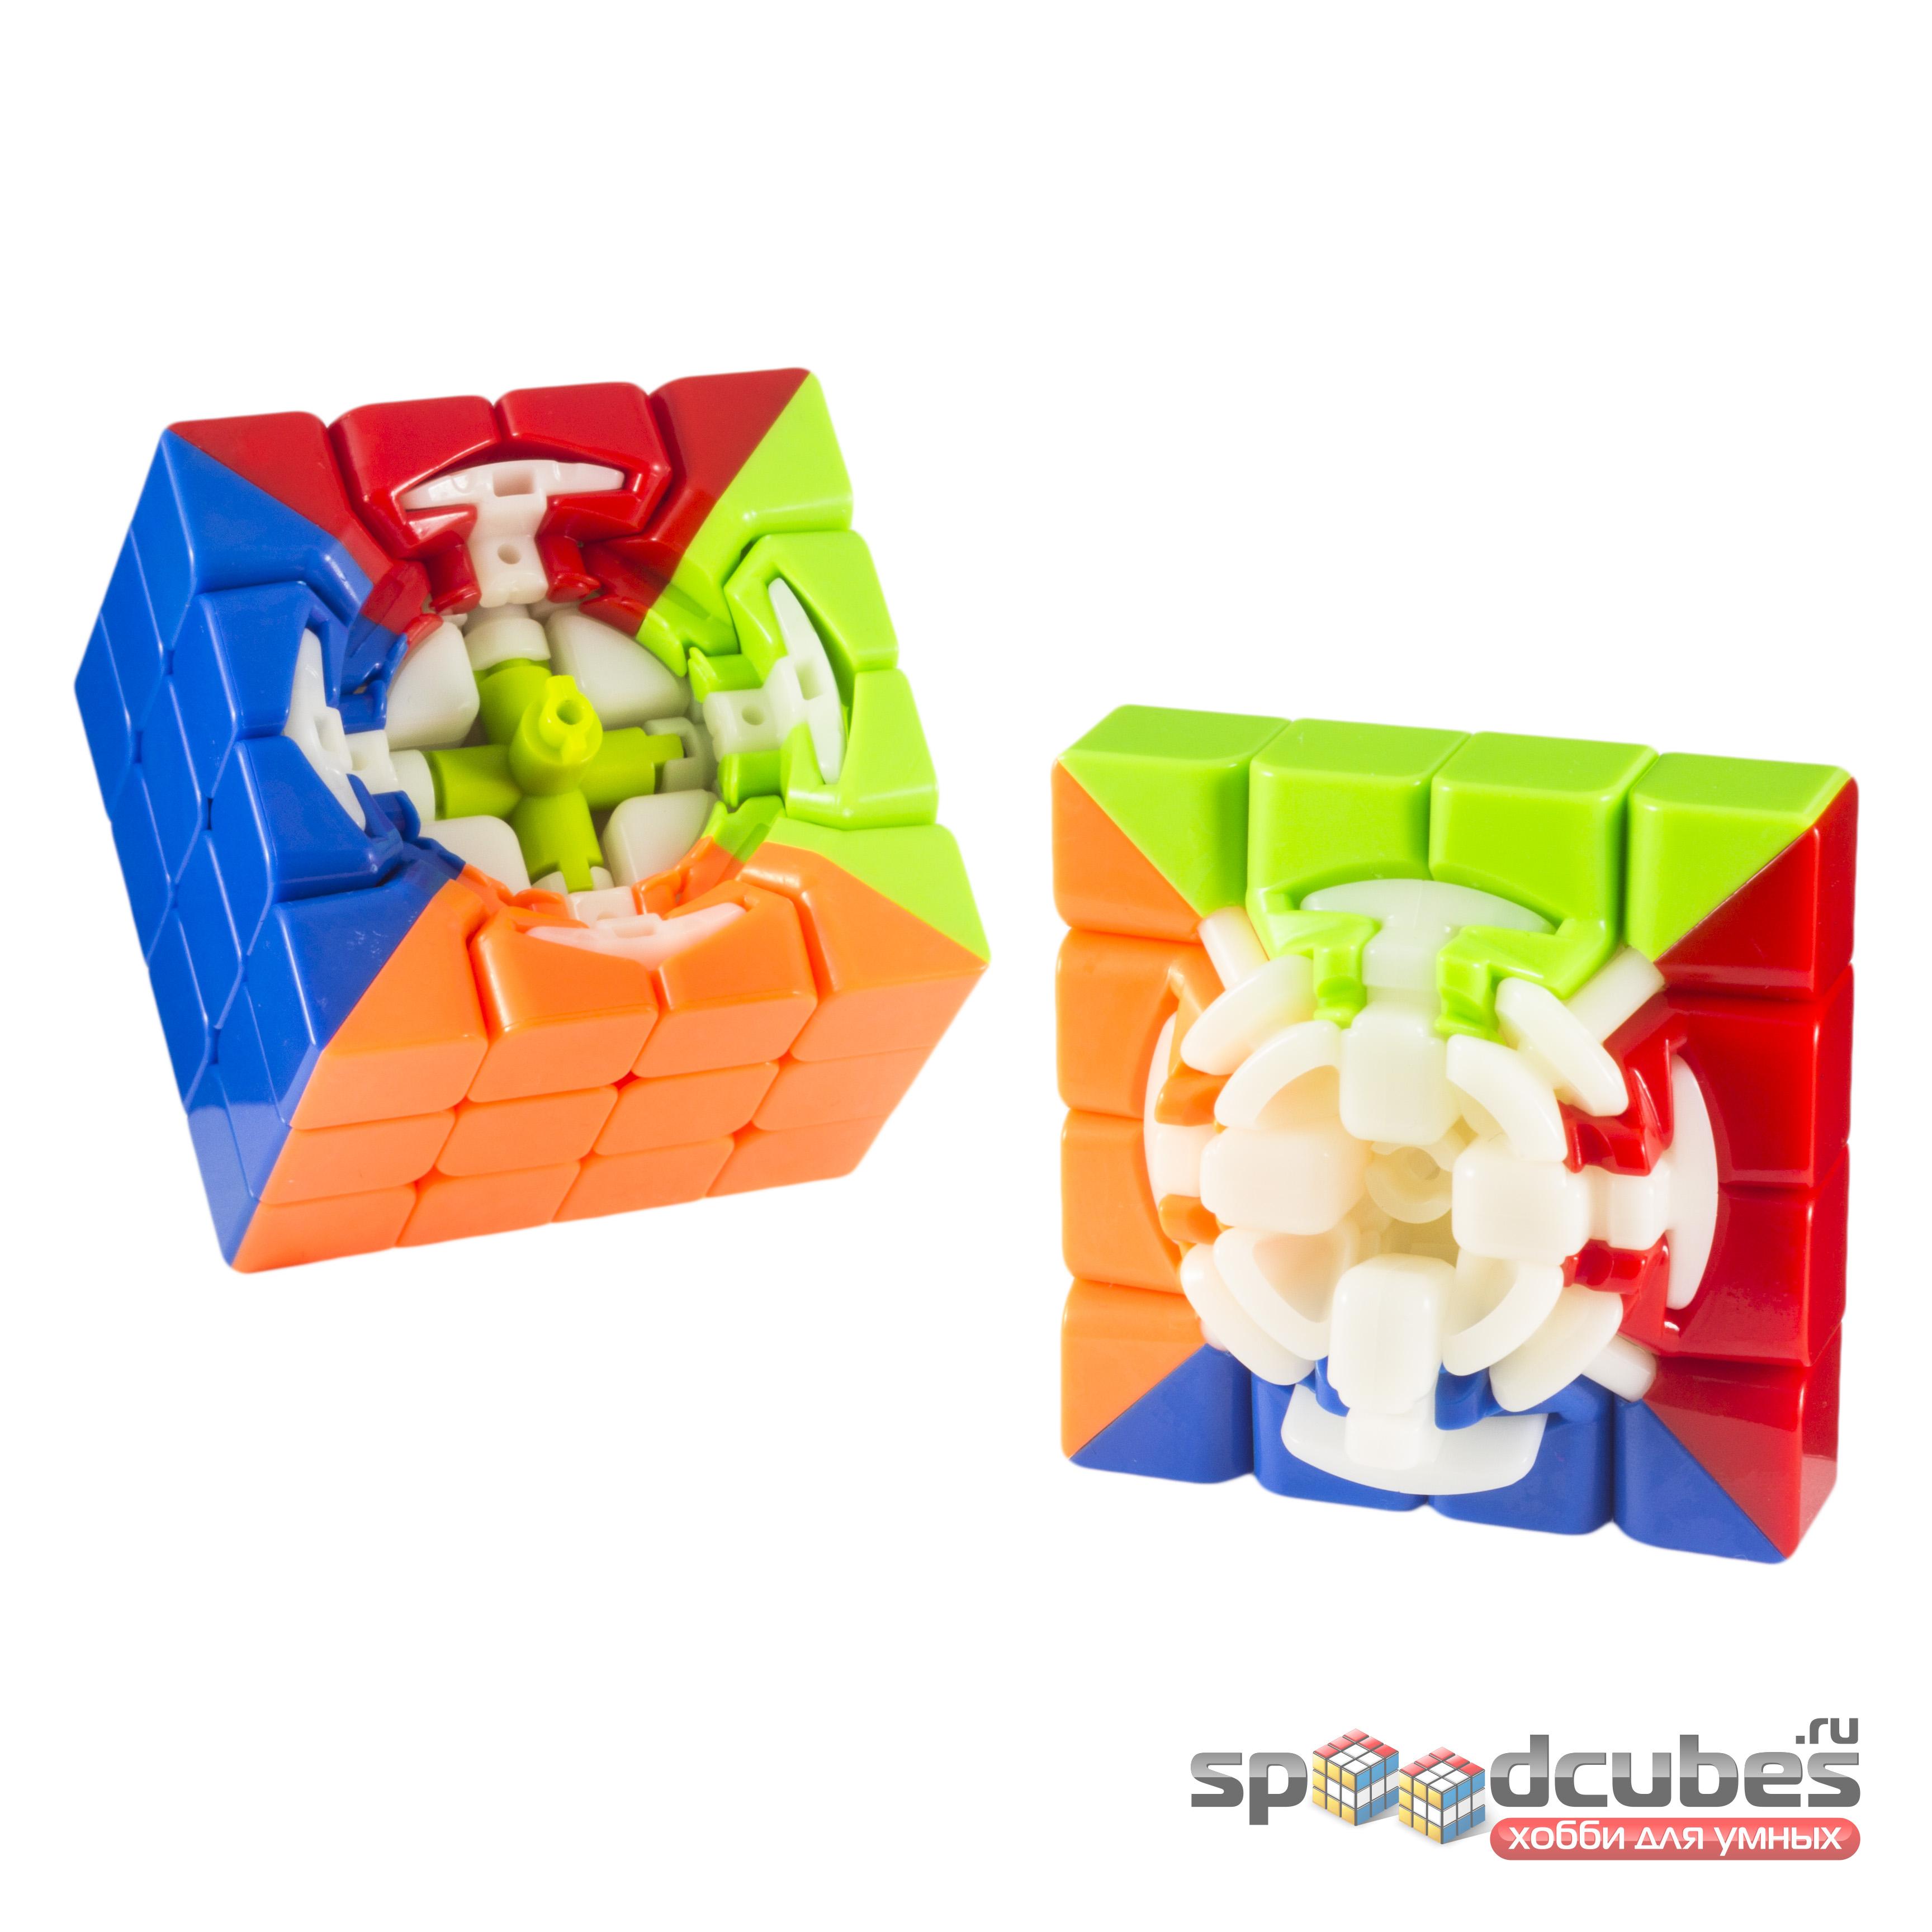 Qiyi Mofangge 4x4x4 Wuque Mini M Color 5